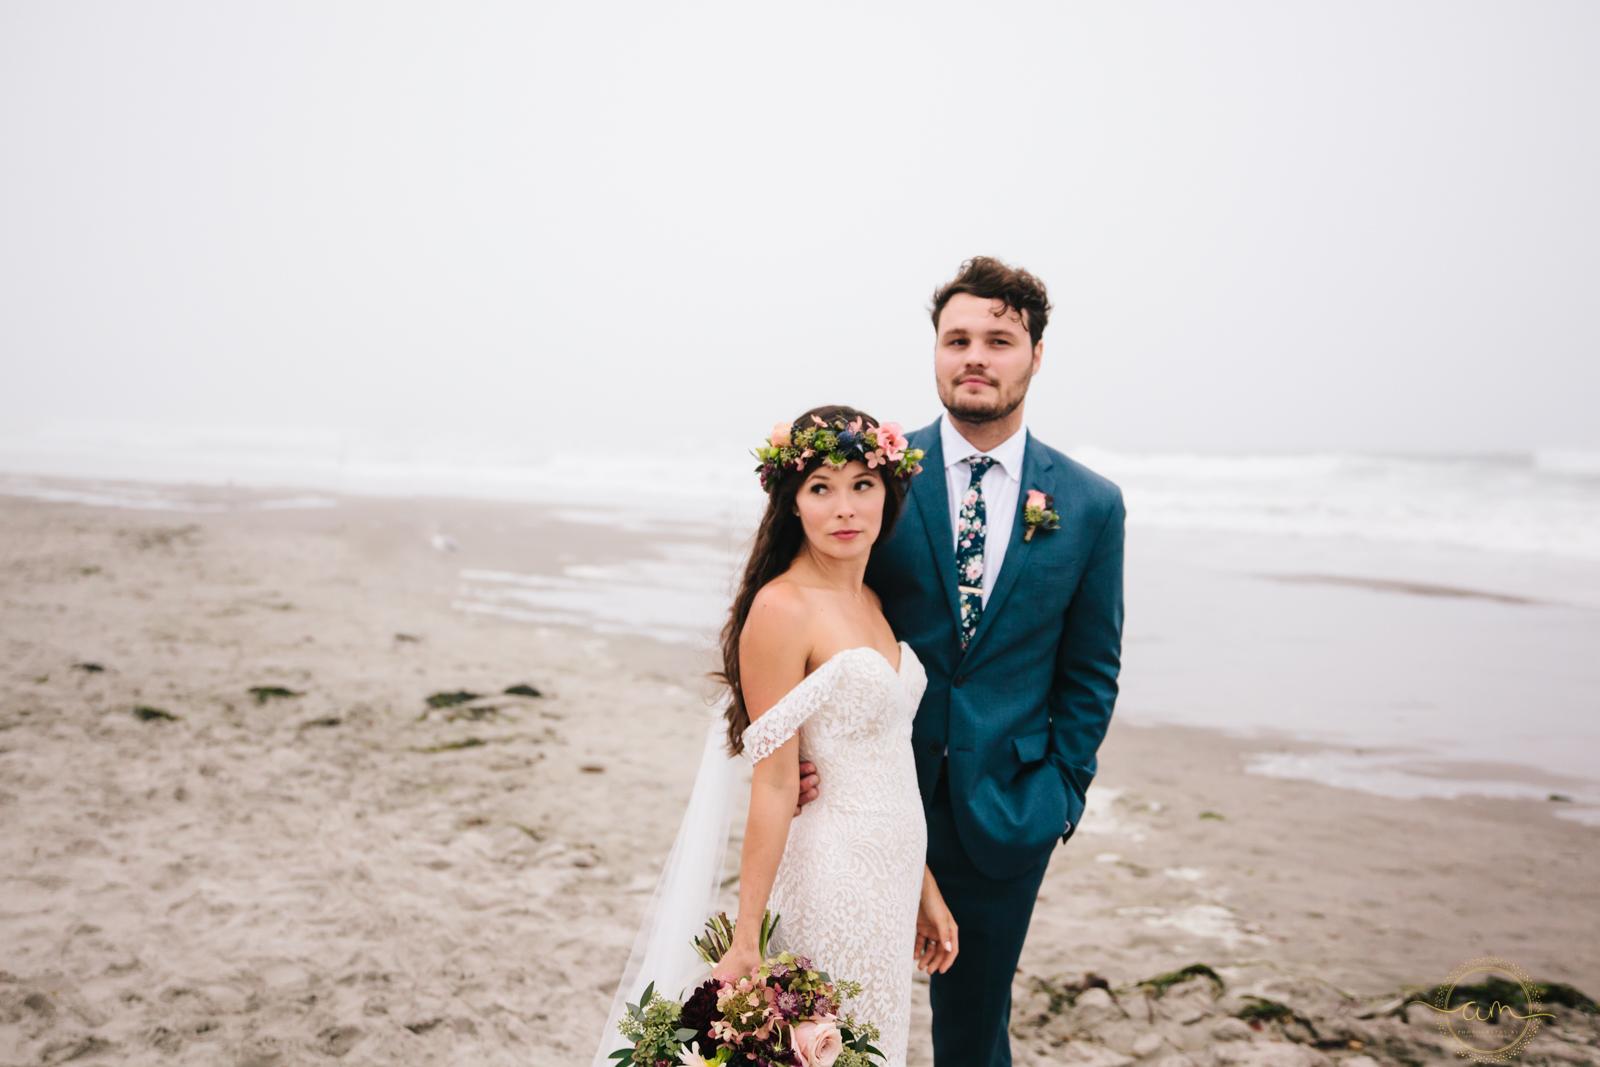 Narragansett-RI-Beach-Wedding-Amanda-Morgan-61.jpg